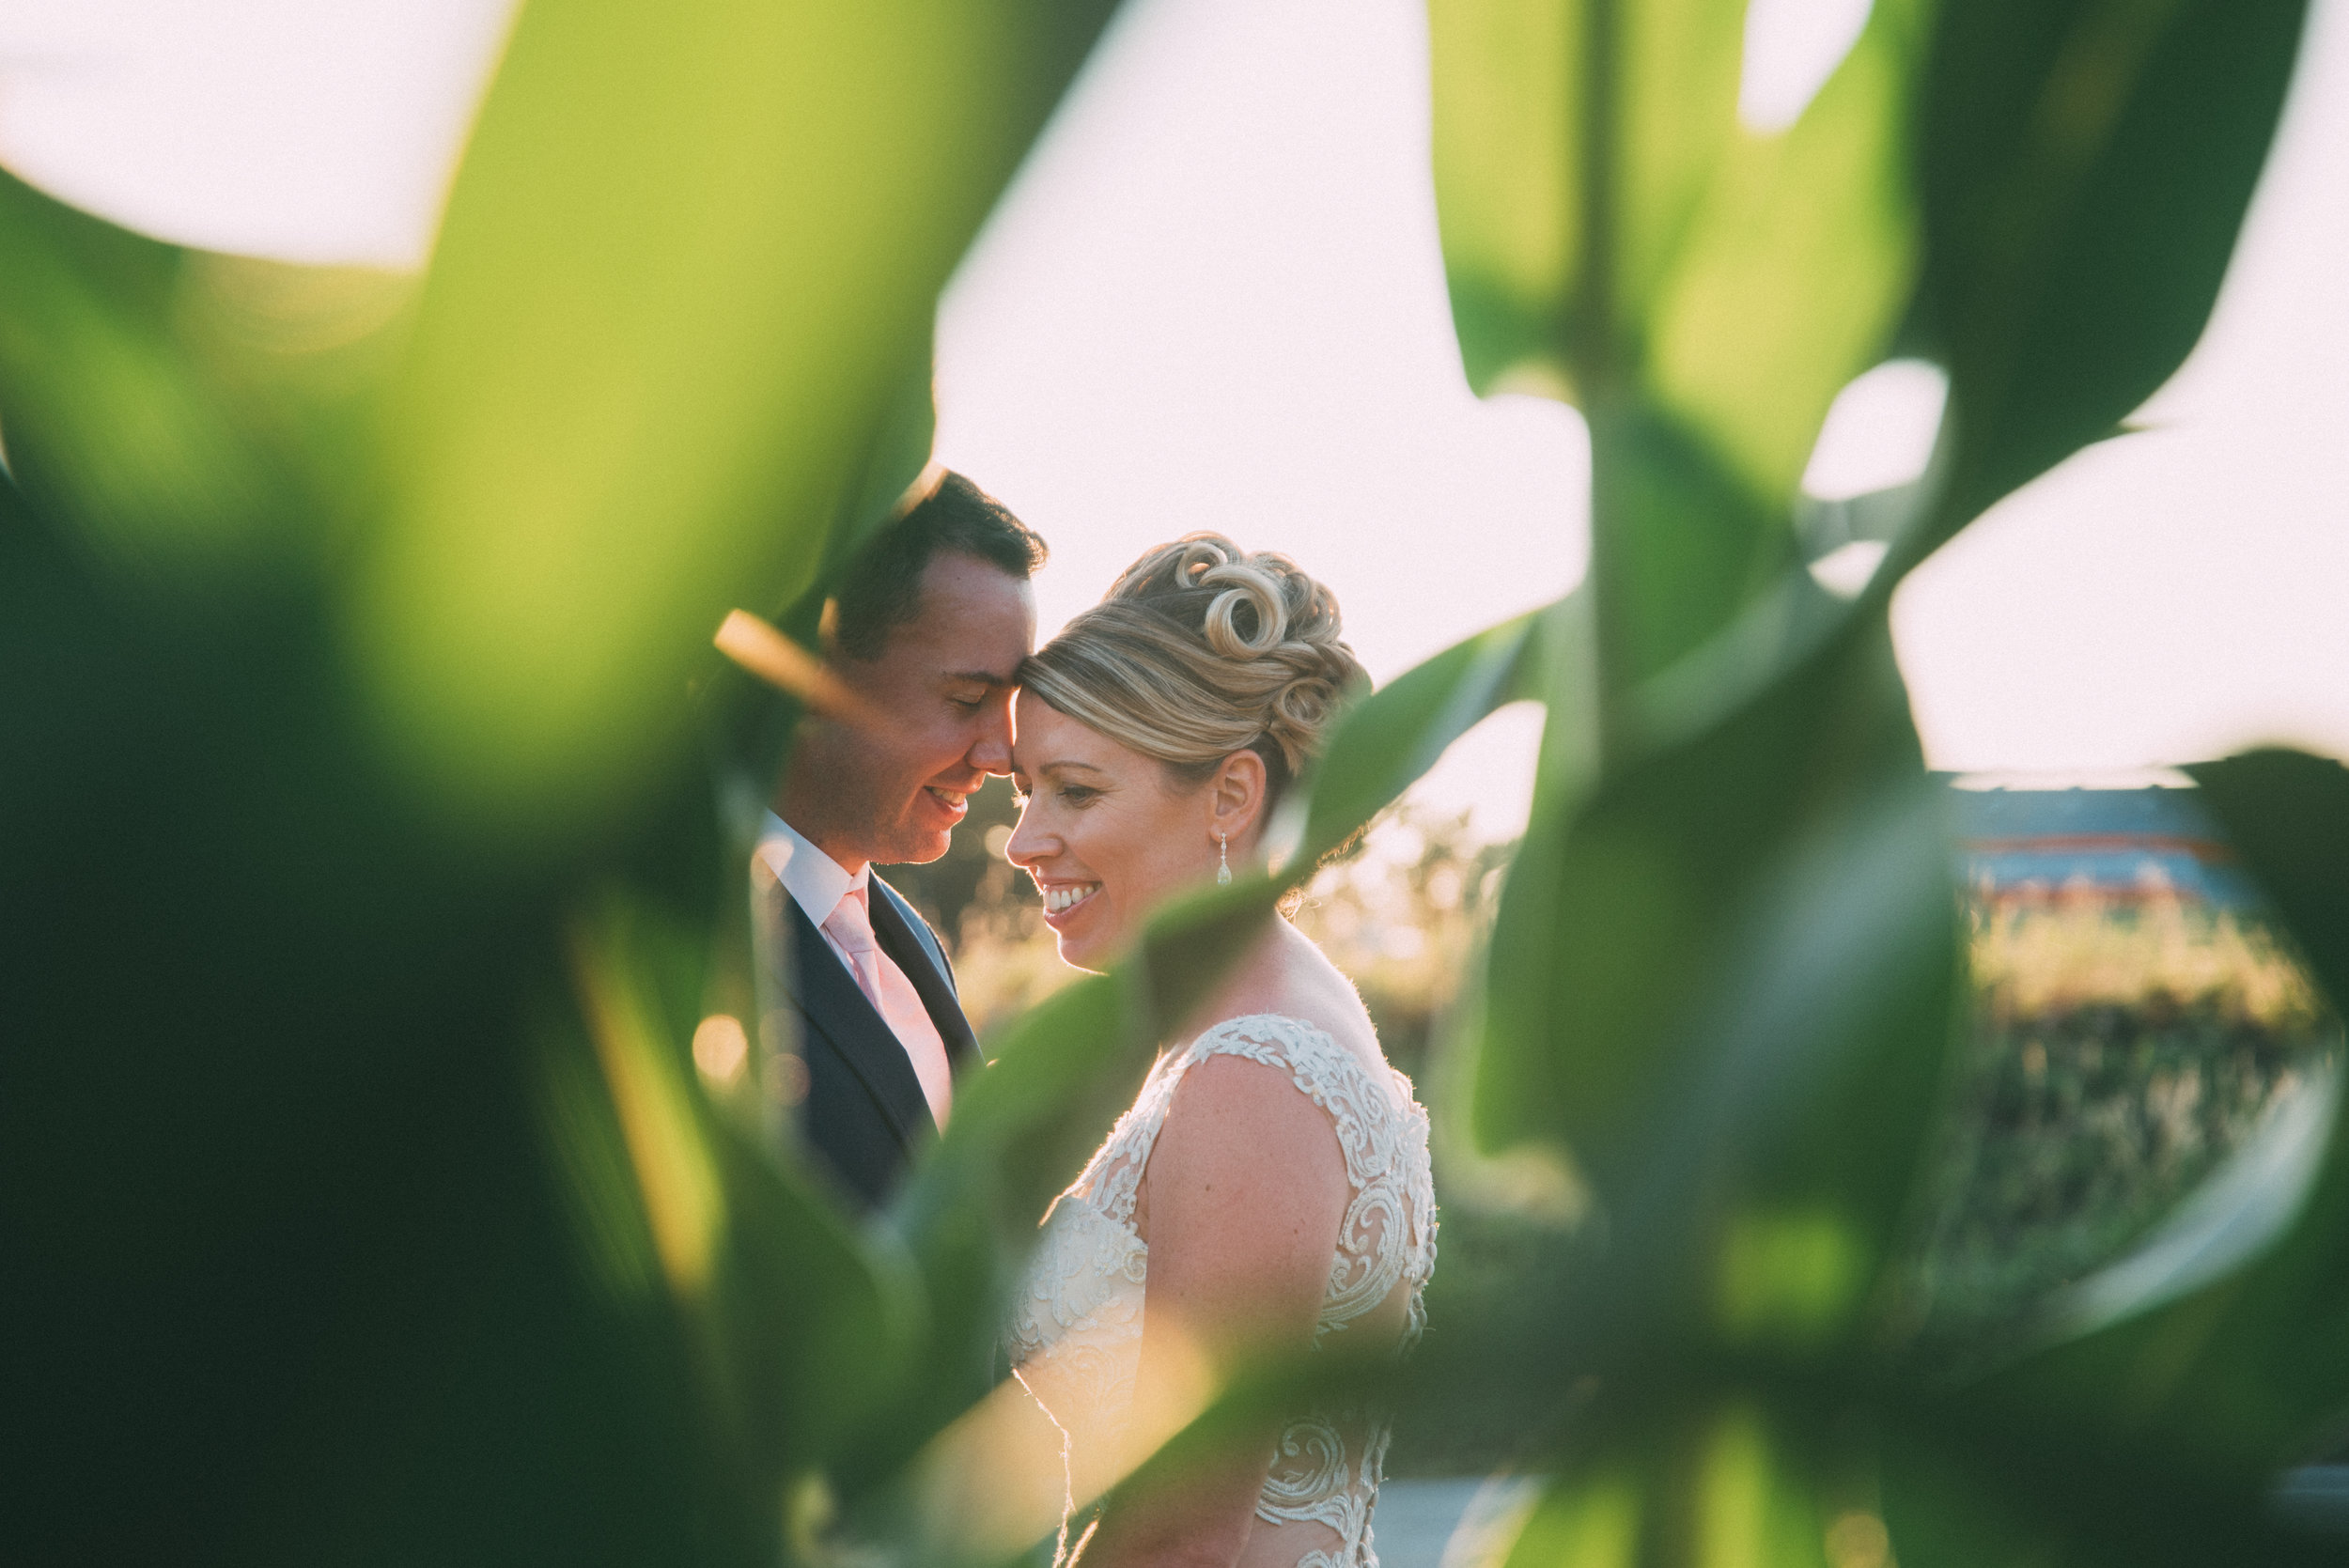 Milton backyard wedding with soundslikeyellowphotography